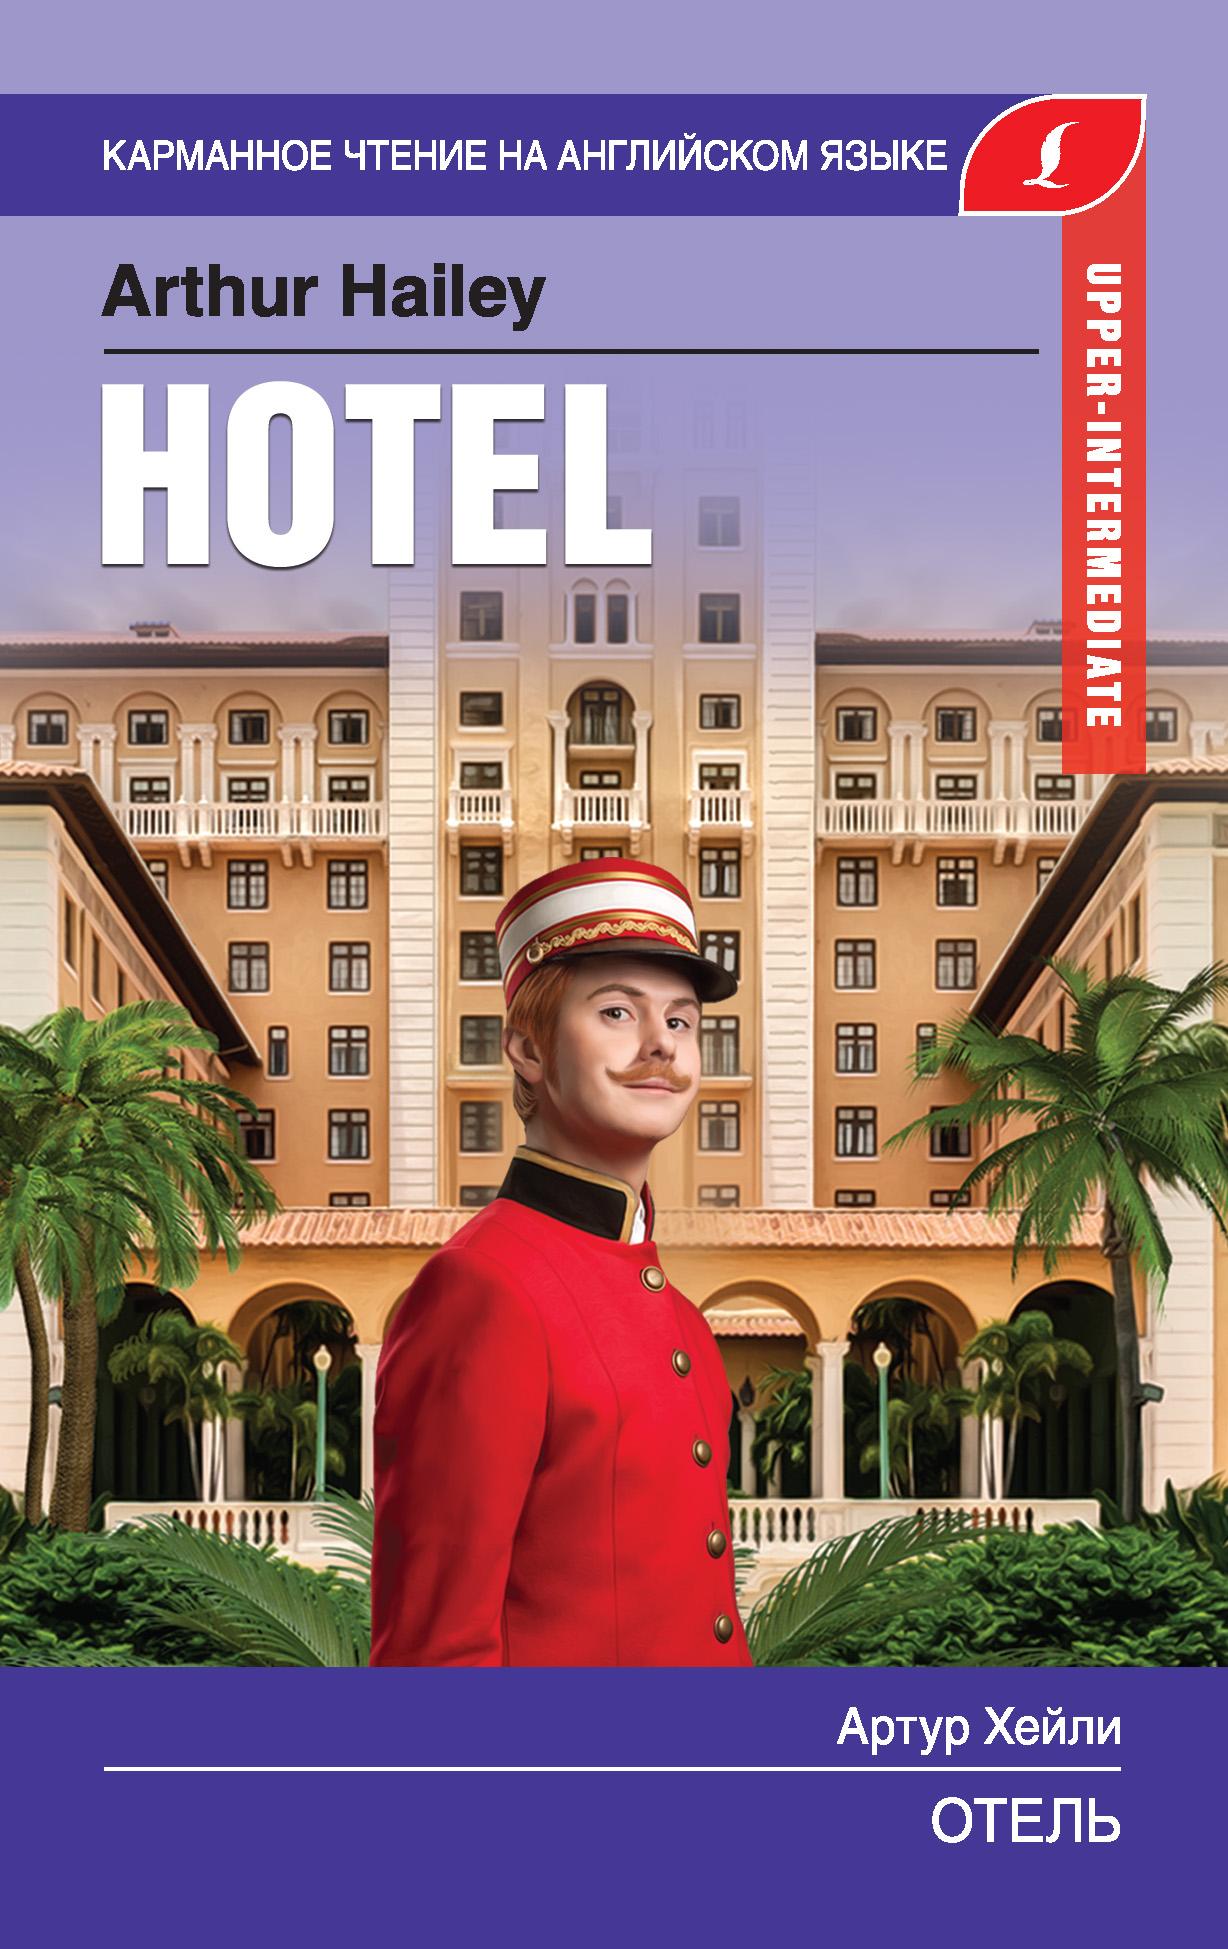 Артур Хейли Отель / Hotel хейли артур отель